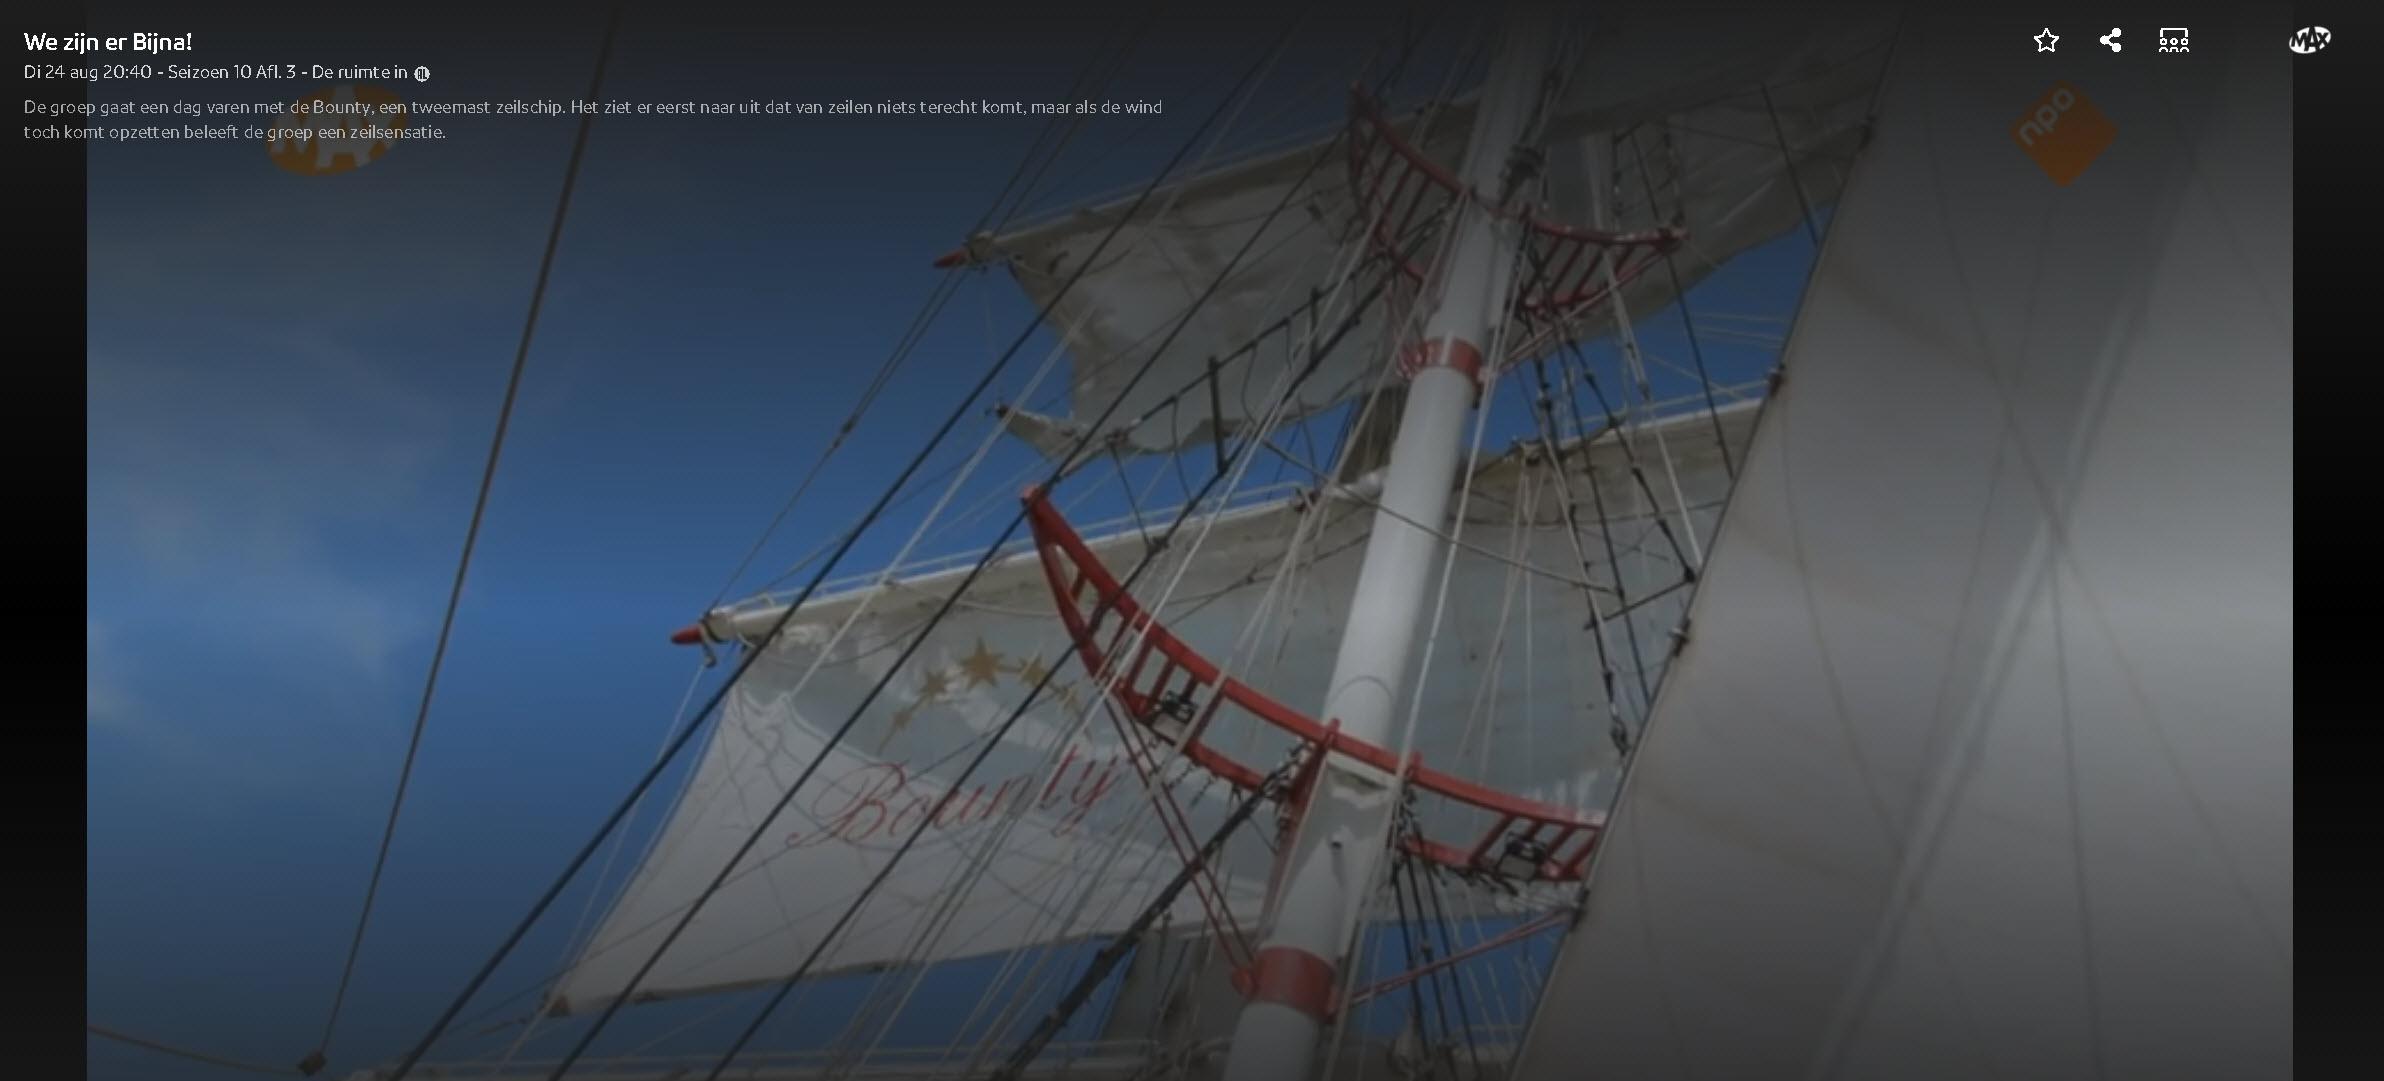 TV-uitzending-zeilschip-Bounty-We-zijn-er-bijna-6